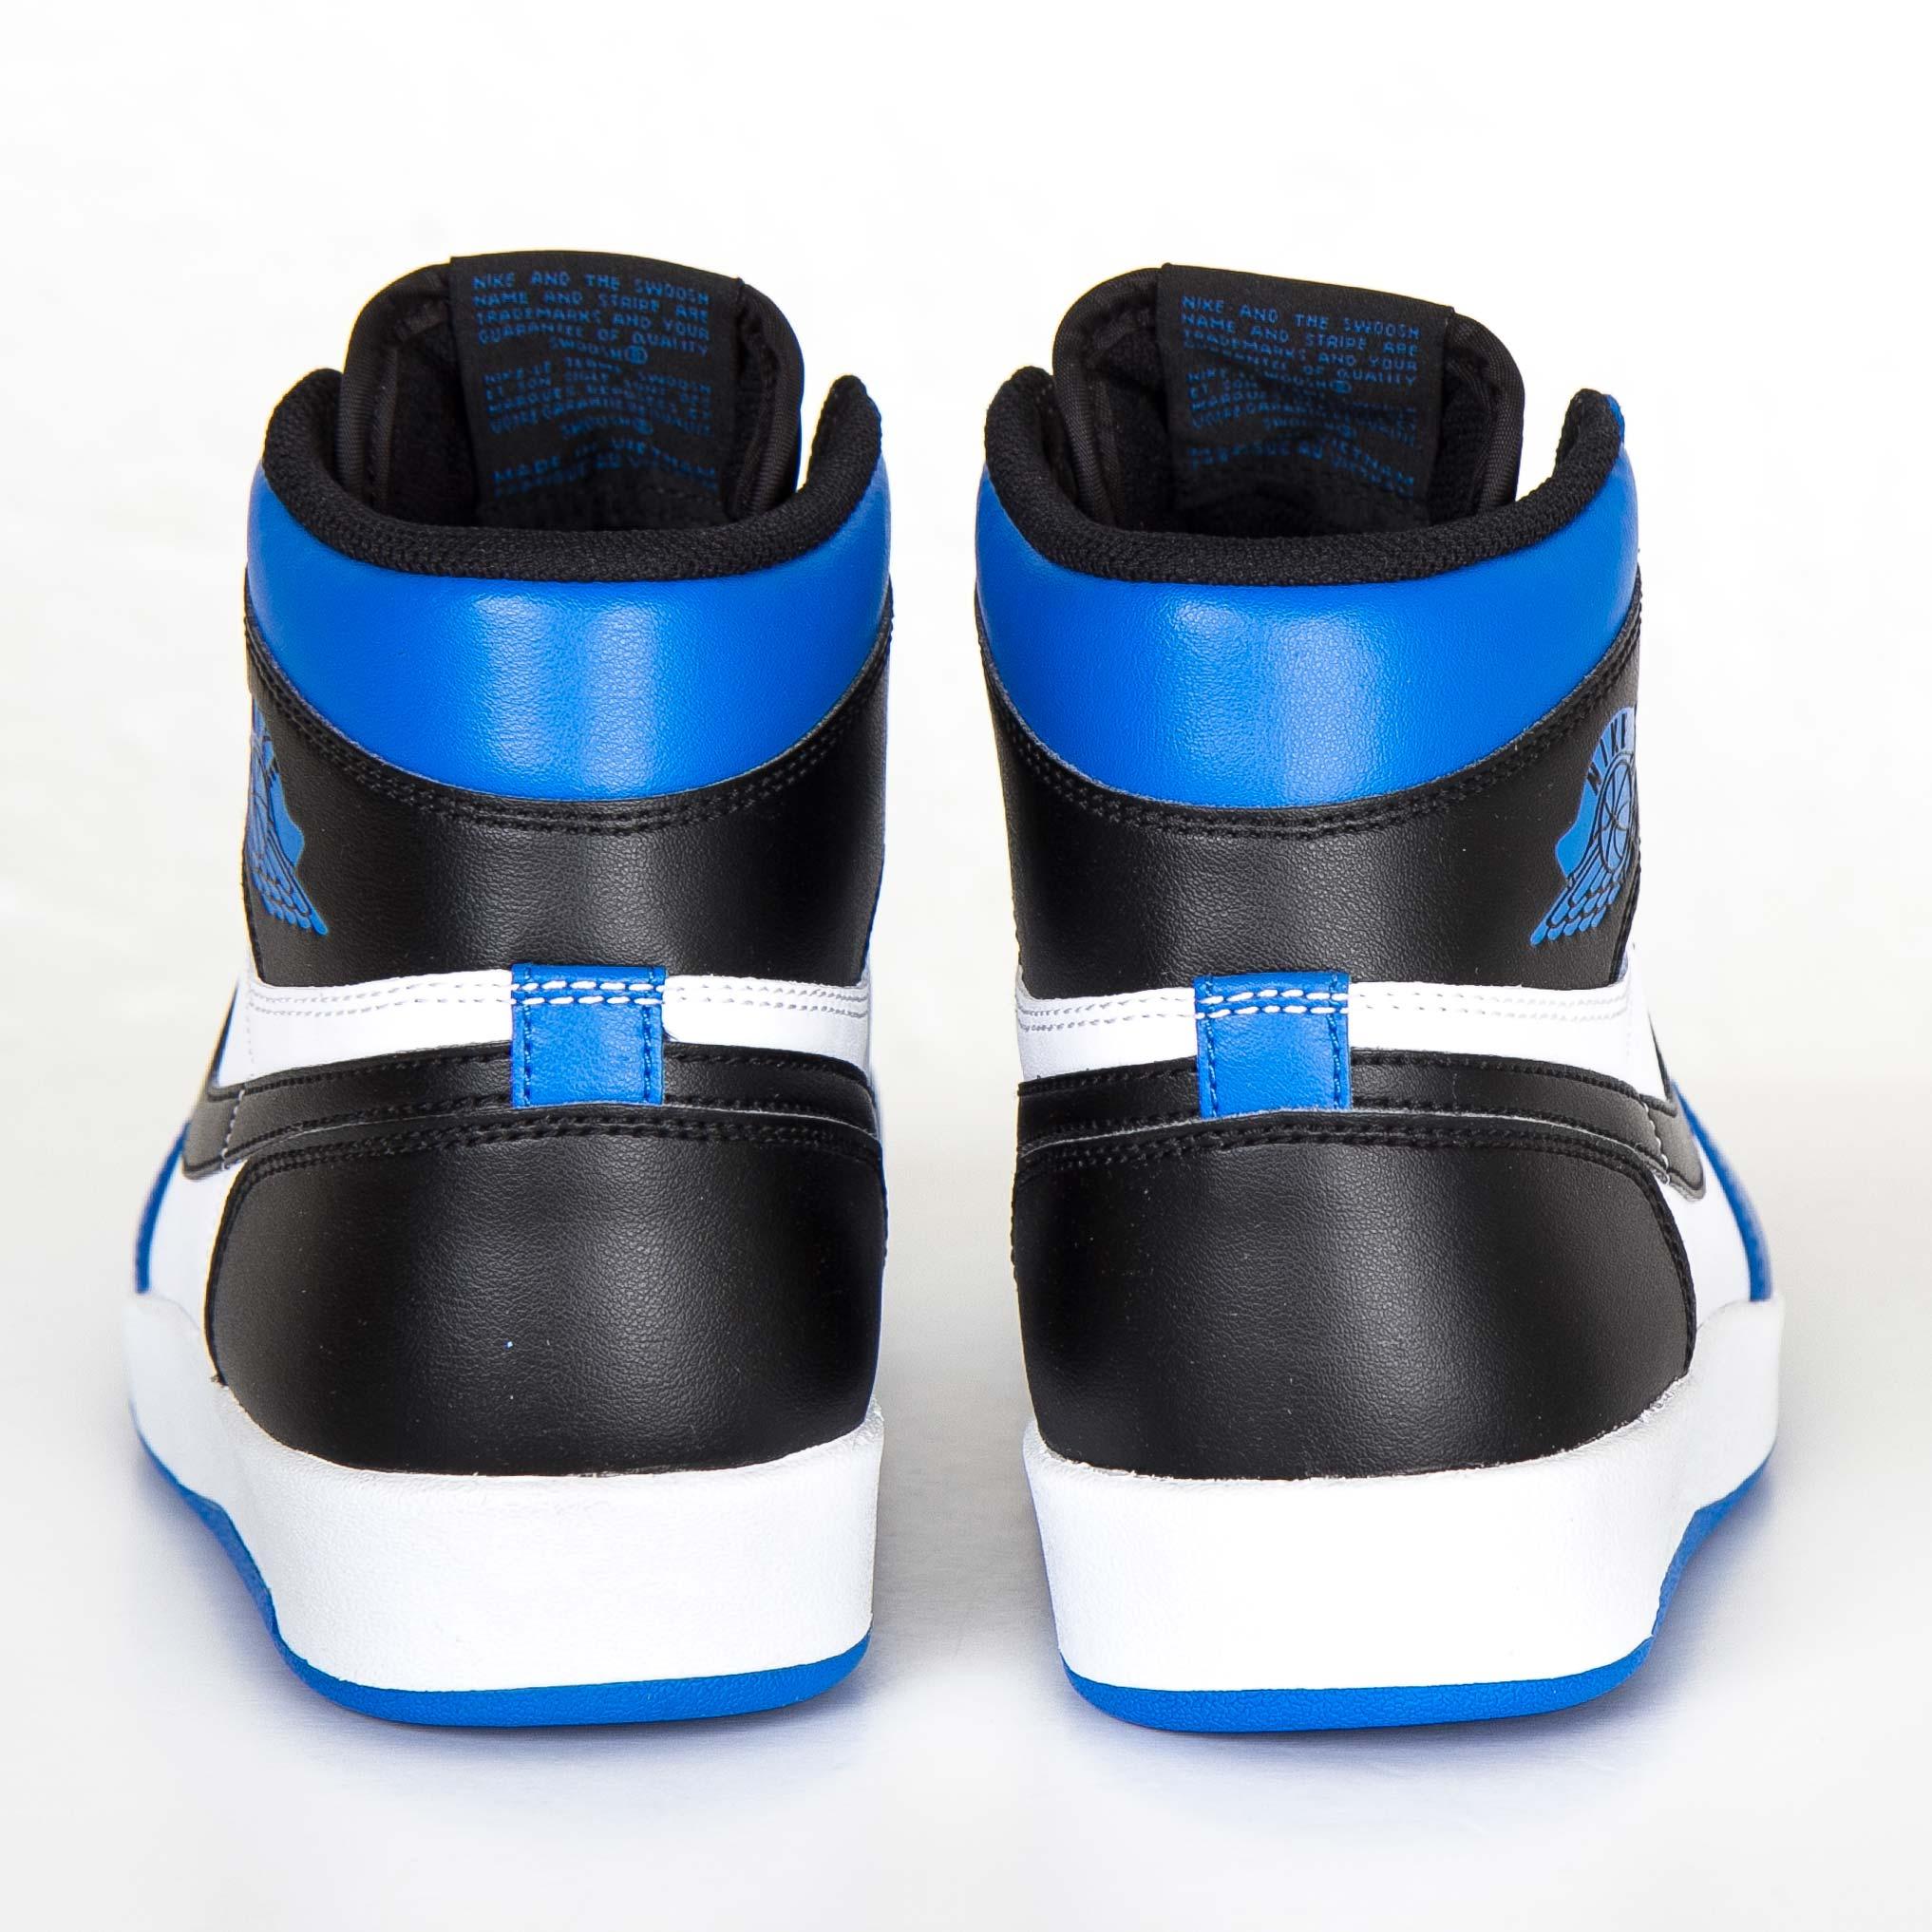 promo code 9dcdb 824f2 Jordan Brand Air Jordan 1 High The Return - 768861-106 - Sneakersnstuff    sneakers   streetwear online since 1999